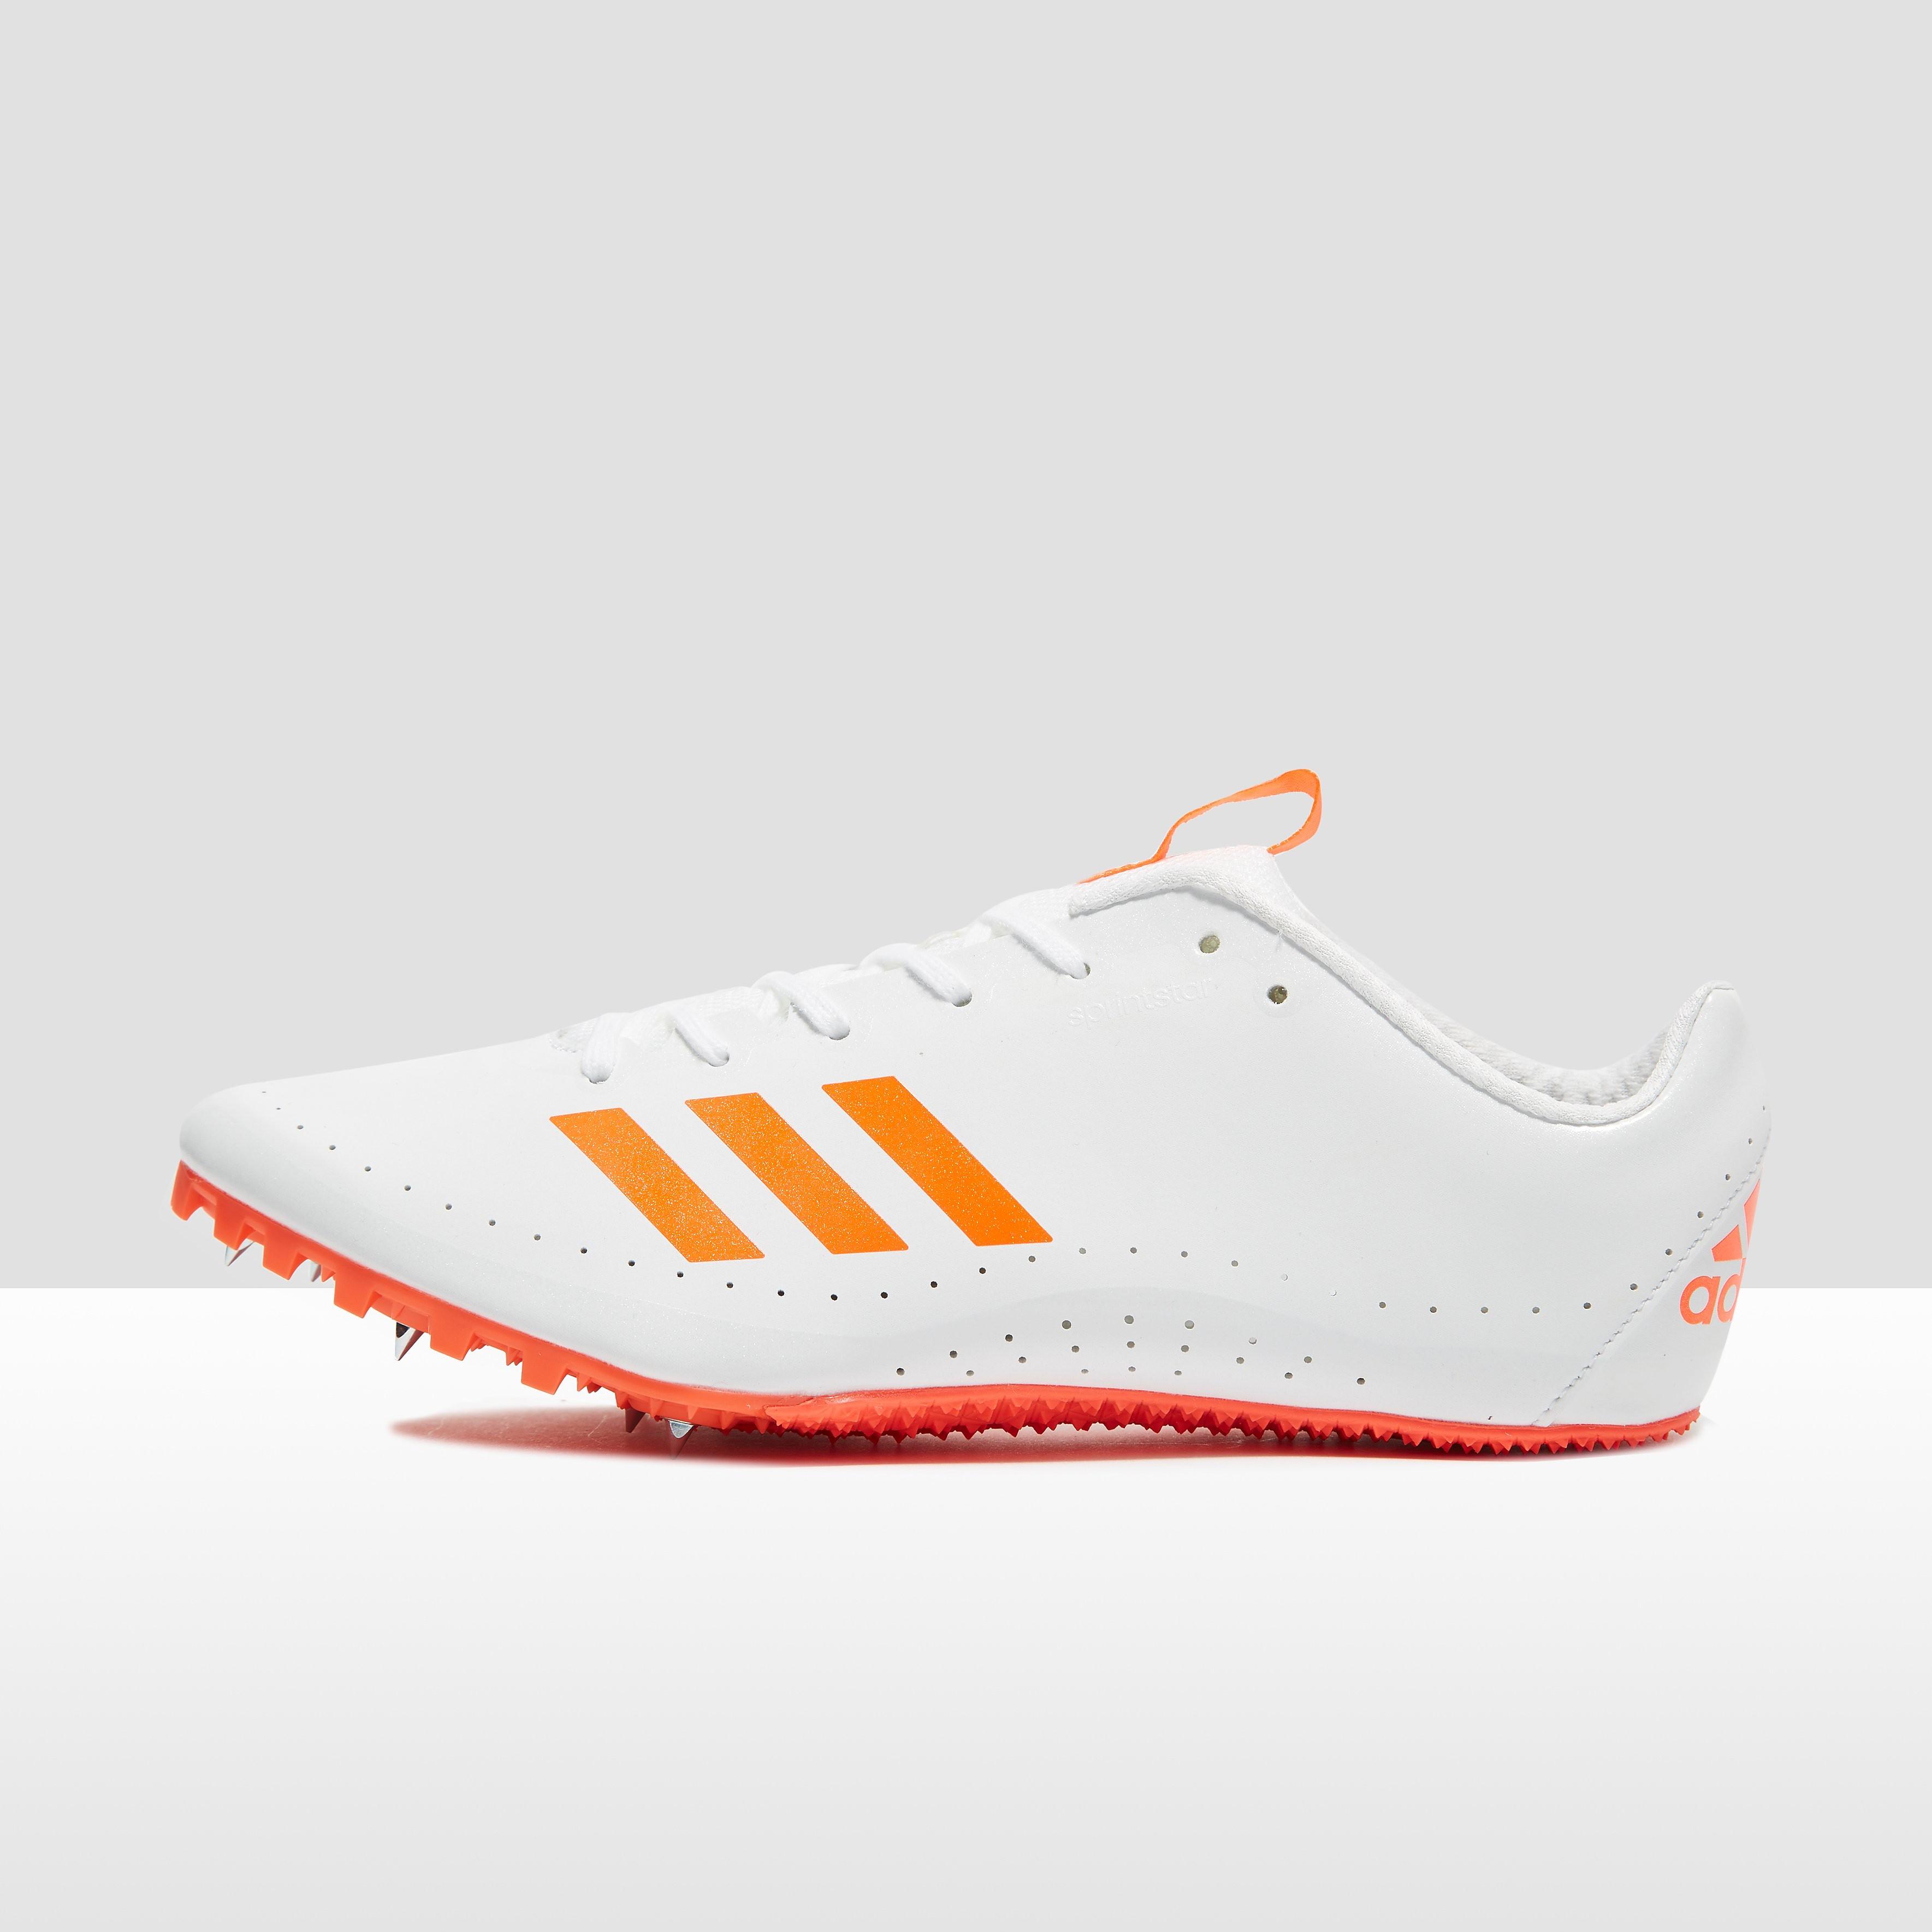 adidas Sprintstar Men's Running Spikes